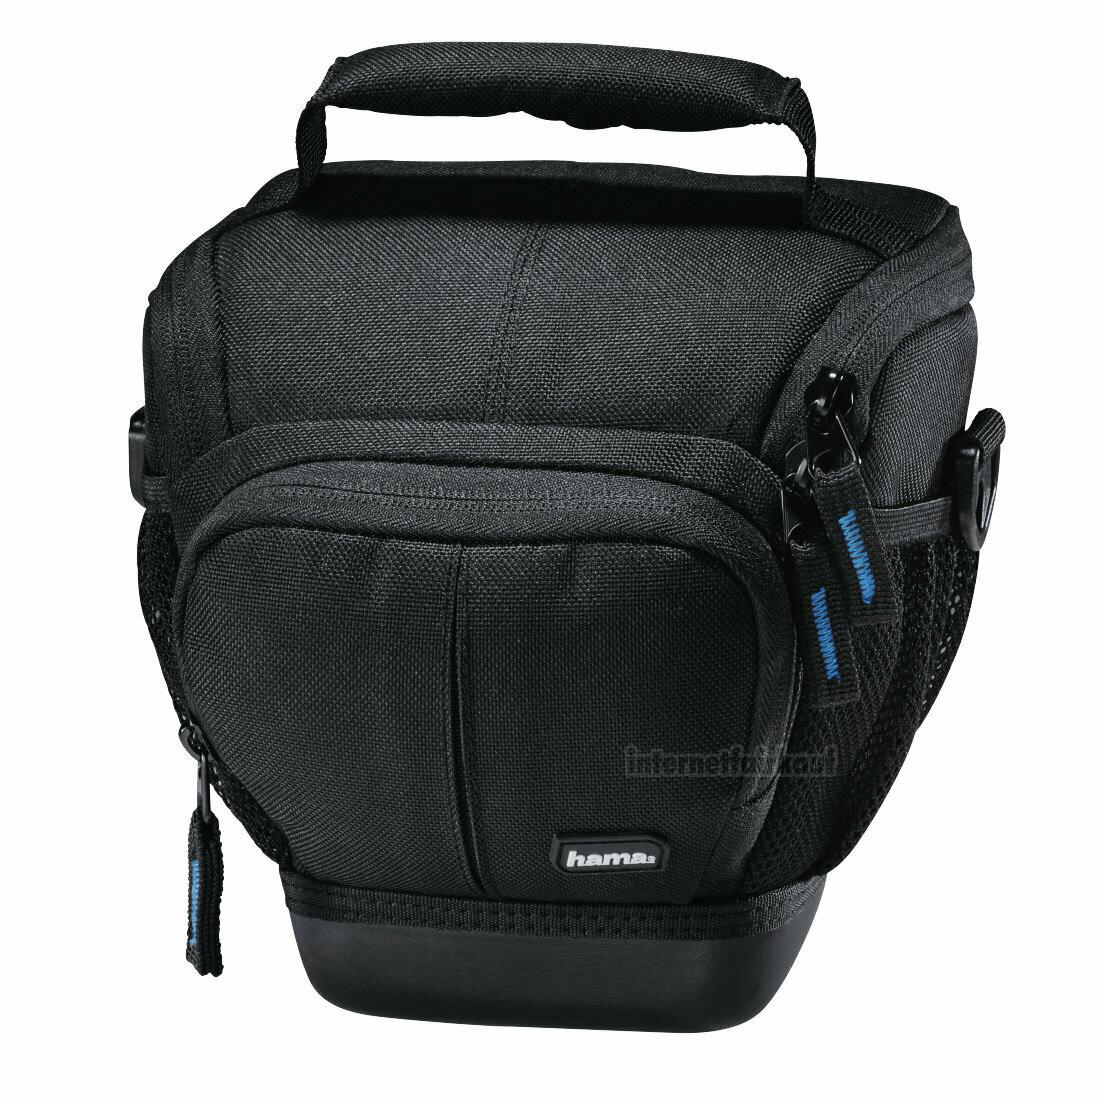 Hama Kameratasche passend für Nikon Coolpix P900 Fototasche